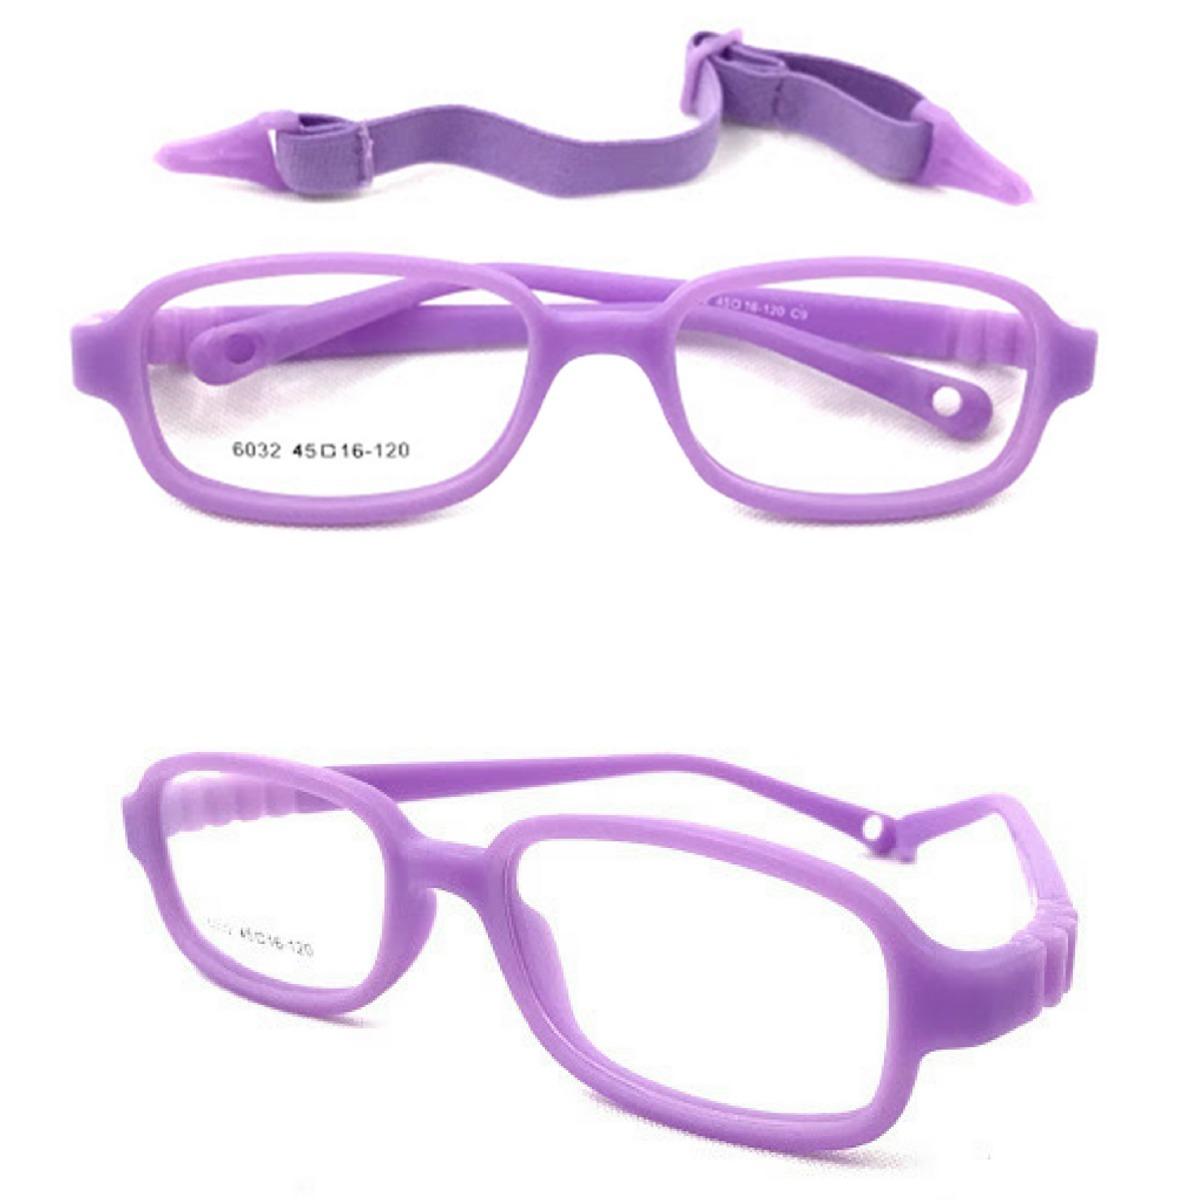 59cd93428 armação óculos grau flexível silicone infantil menina 6032. Carregando zoom.